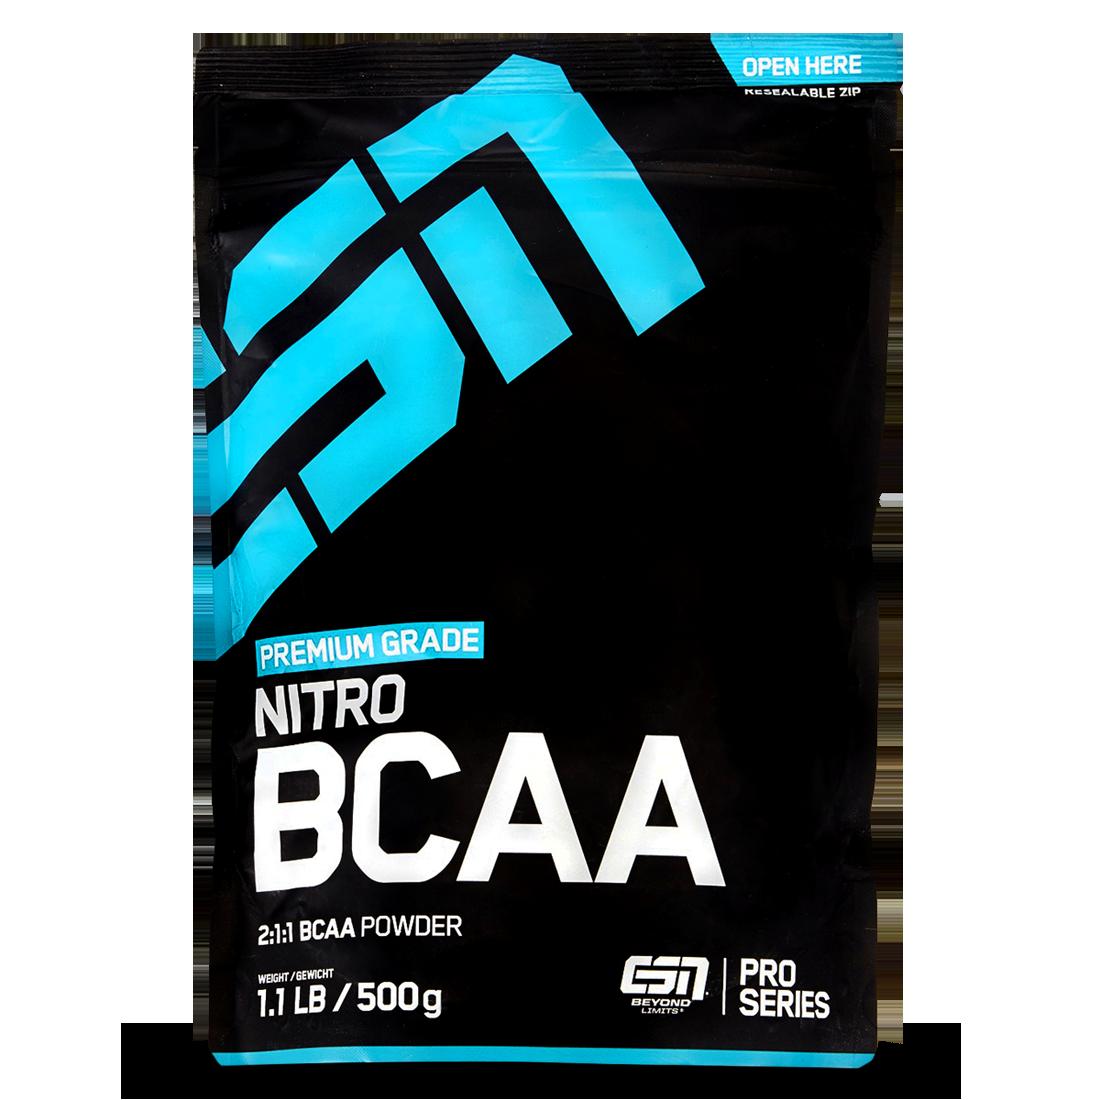 Ultramicronized BCAAs